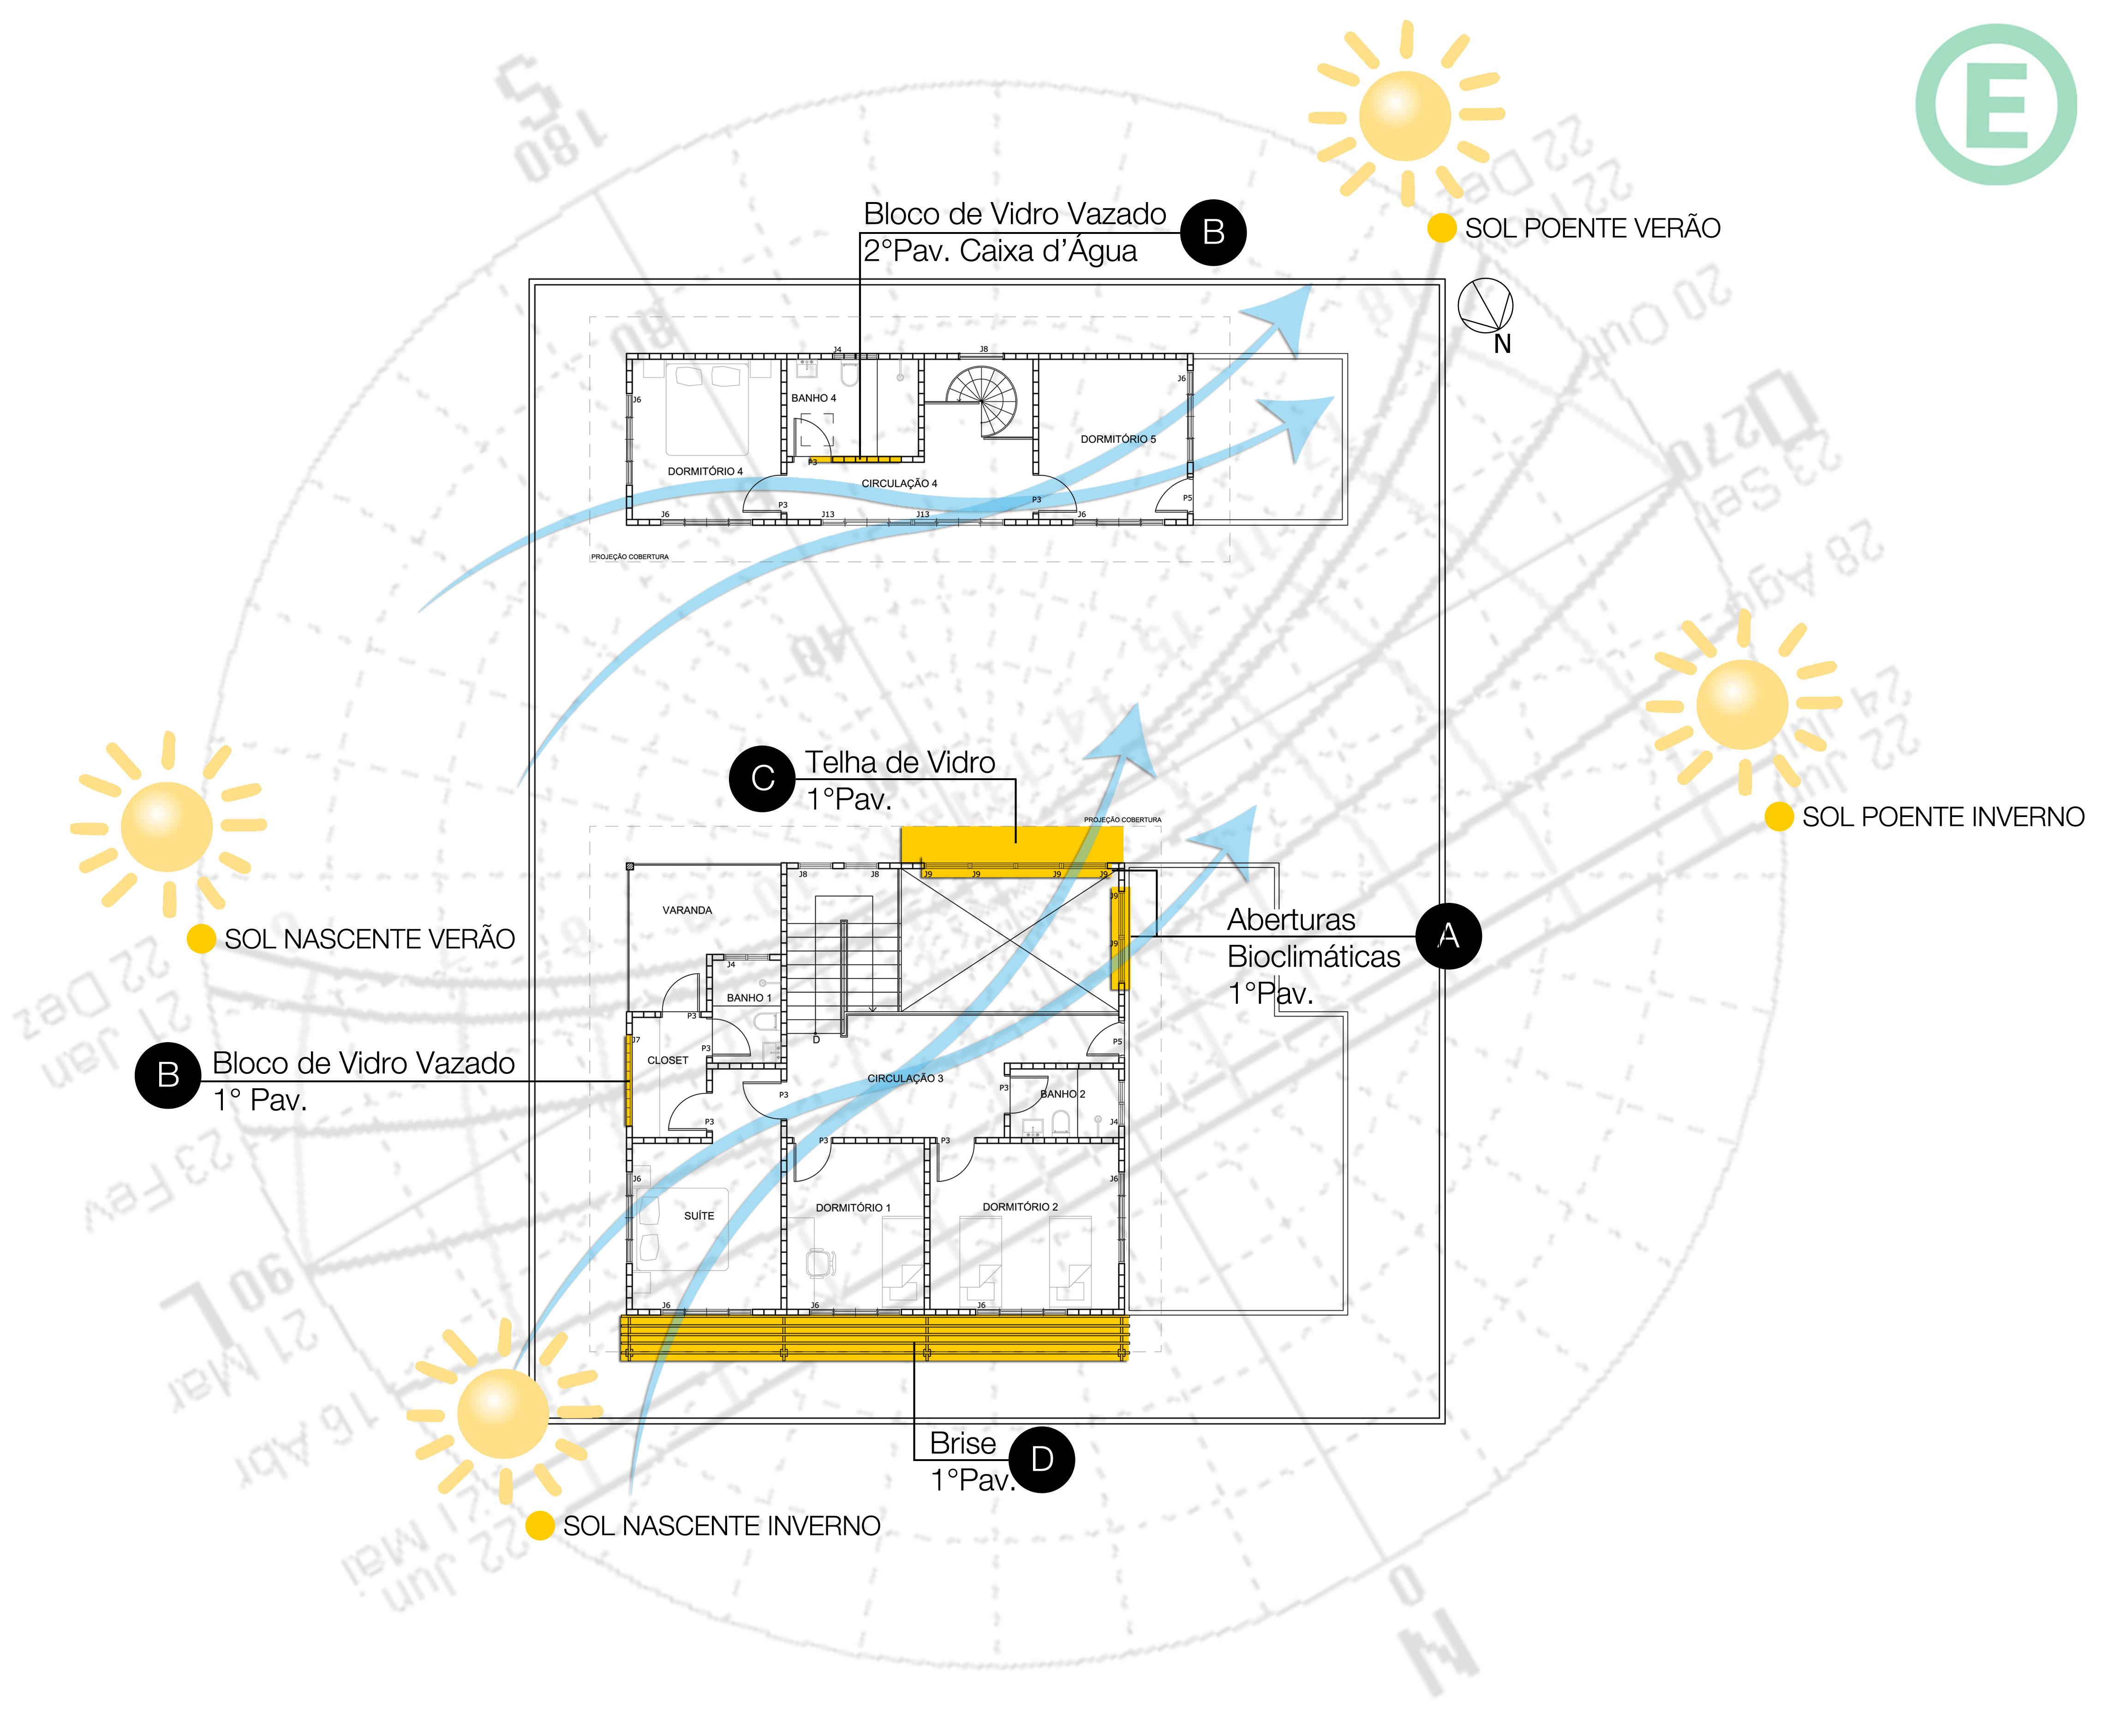 arquitetura-sustentavel-arquitetura-bioclimatica